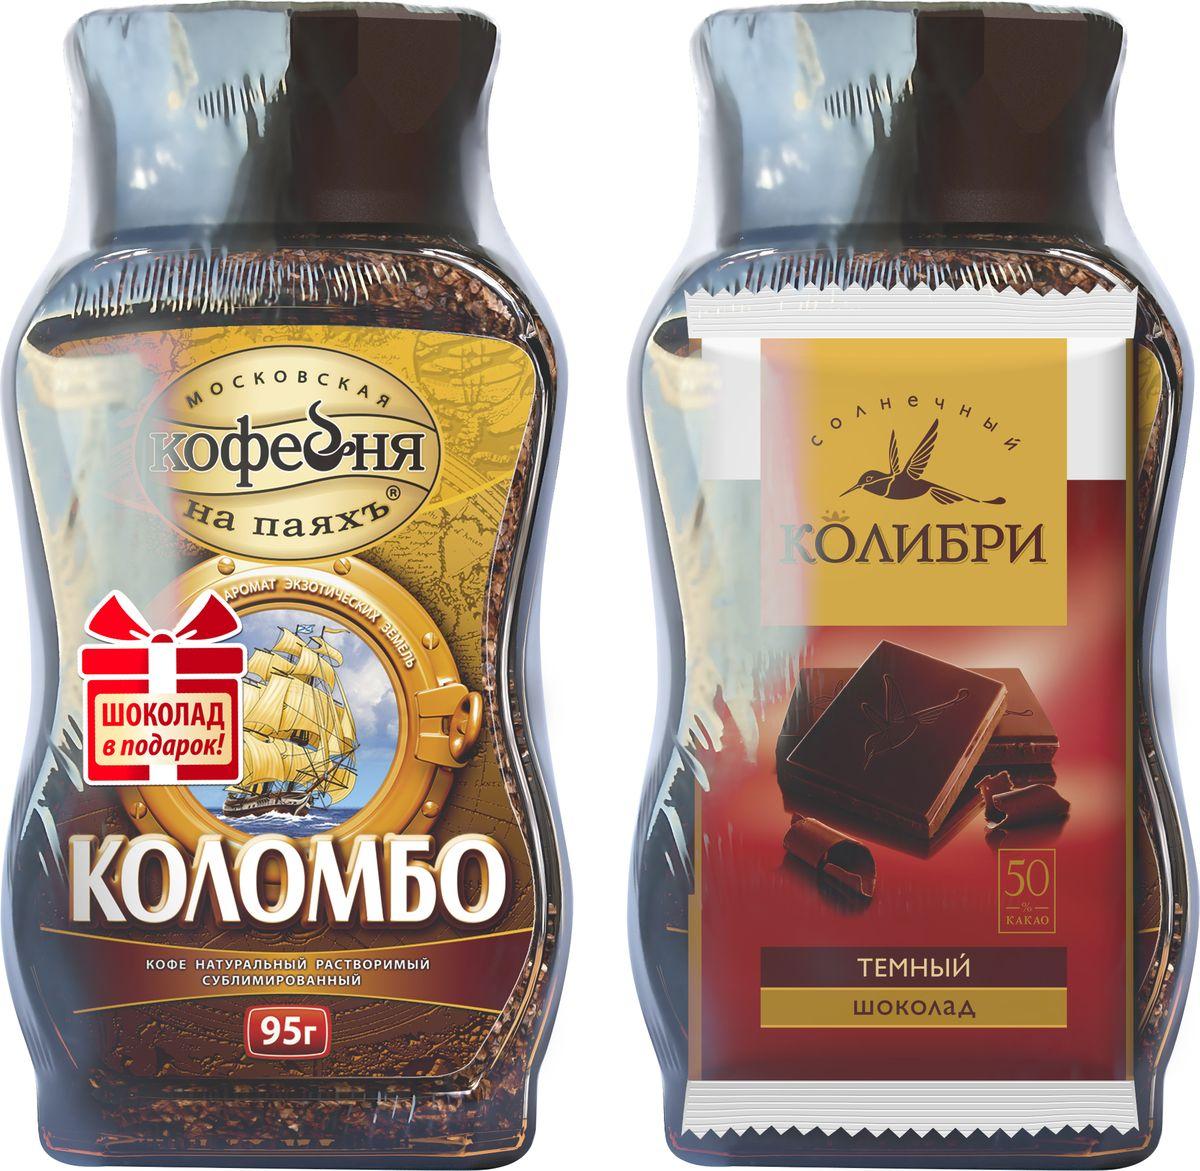 Московская кофейня на паяхъ Кофе сублимированный Коломбо банка, 95 г + Солнечный колибри шоколад тёмный, 35 г кофе черный парус сублимированный 85г